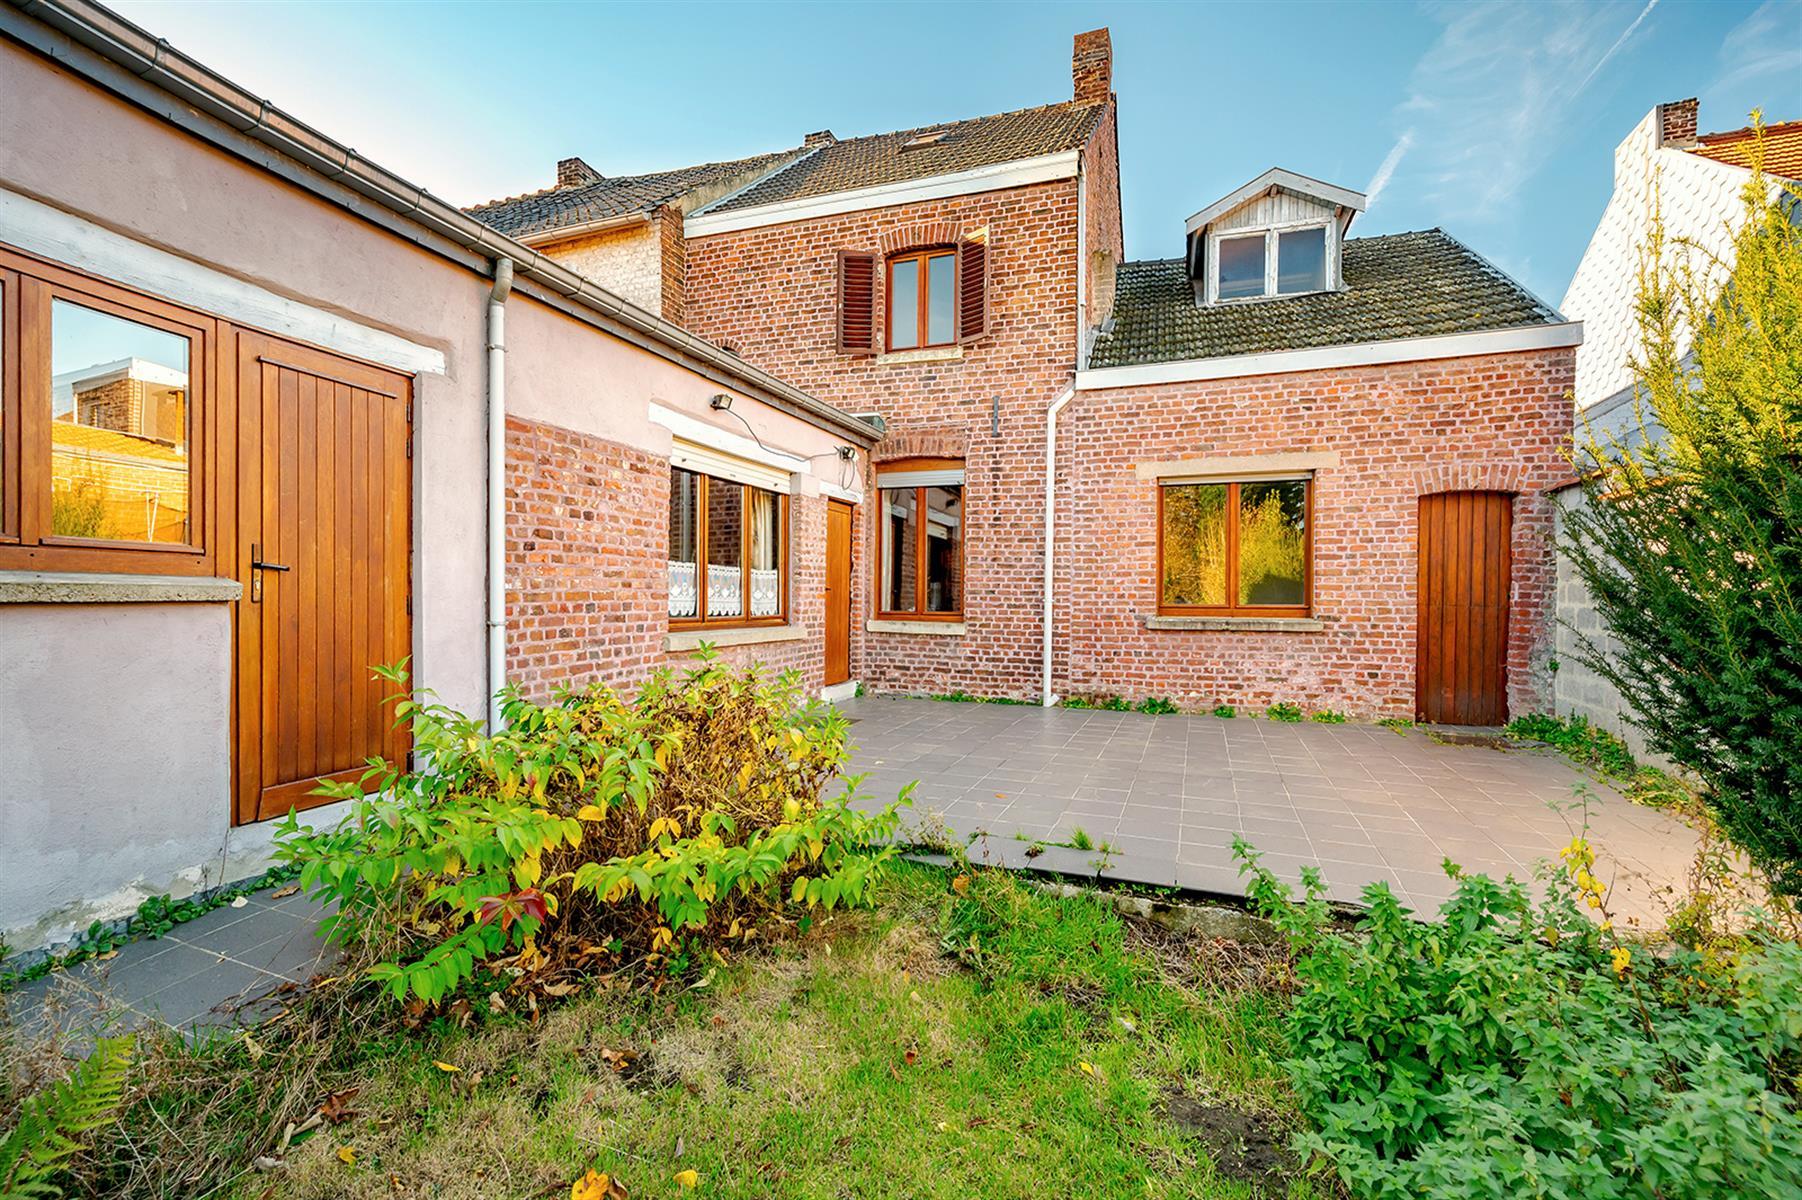 Maison - Fexhele-Haut-Clocher Voroux-Goreux - #4214944-22